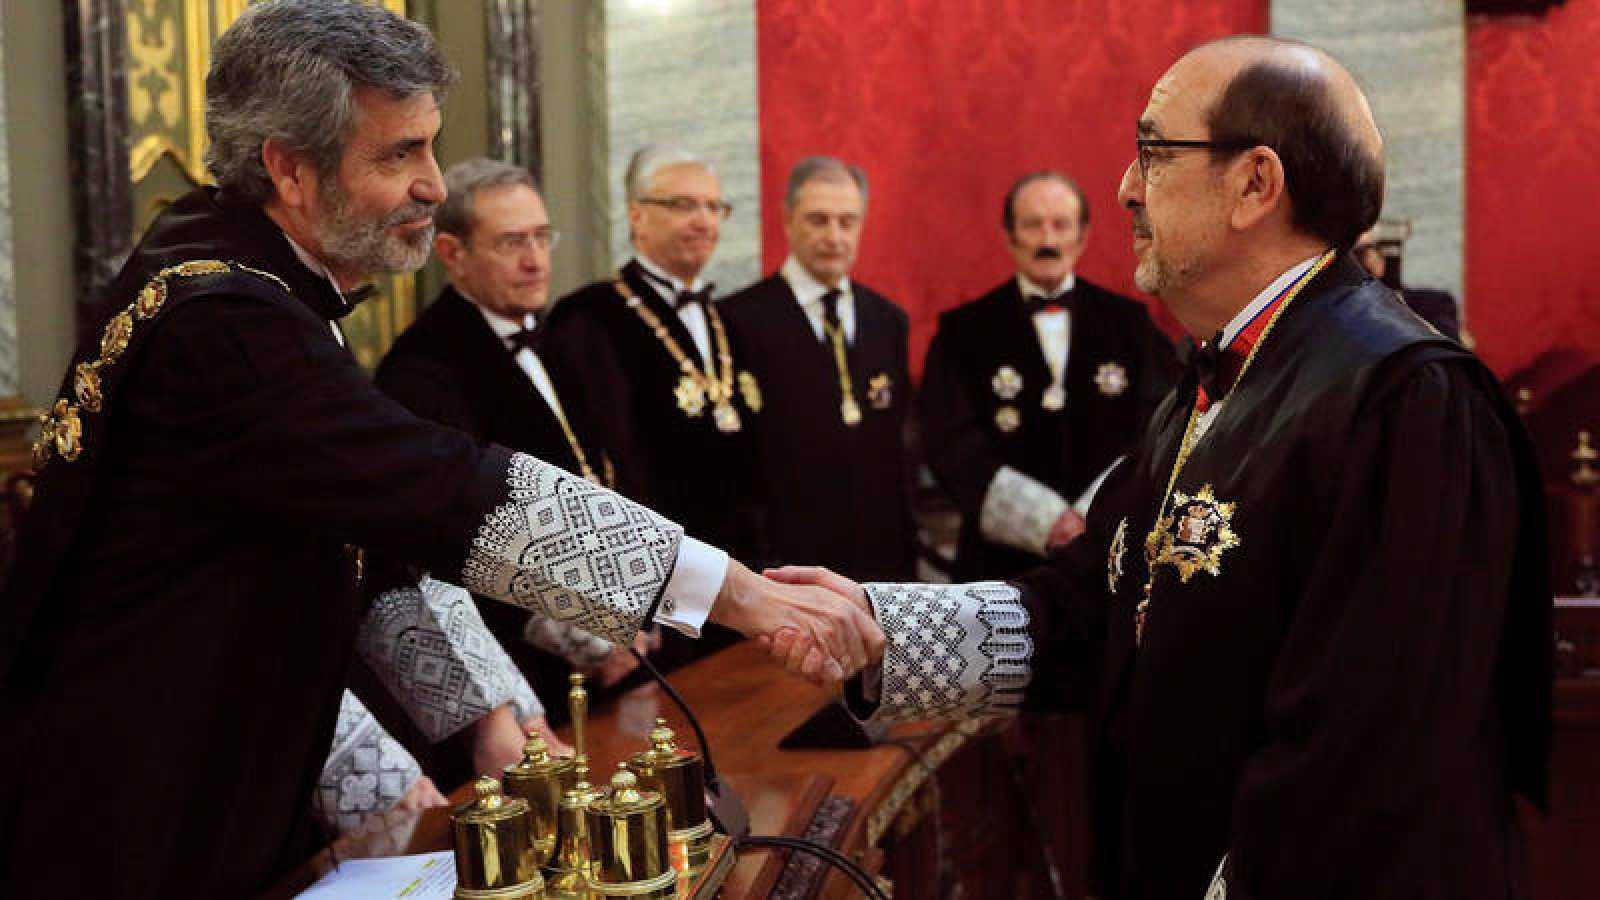 El presidente del CGPJ y del Supremo, Carlos Lesmes (i), felicita al nuevo magistrado de la Sala de lo Contencioso-Administrativo del Tribunal Supremo Javier Borrego Borrego (d), durante el acto de toma de posesión de su cargo. EFE/Fernando Alvarado